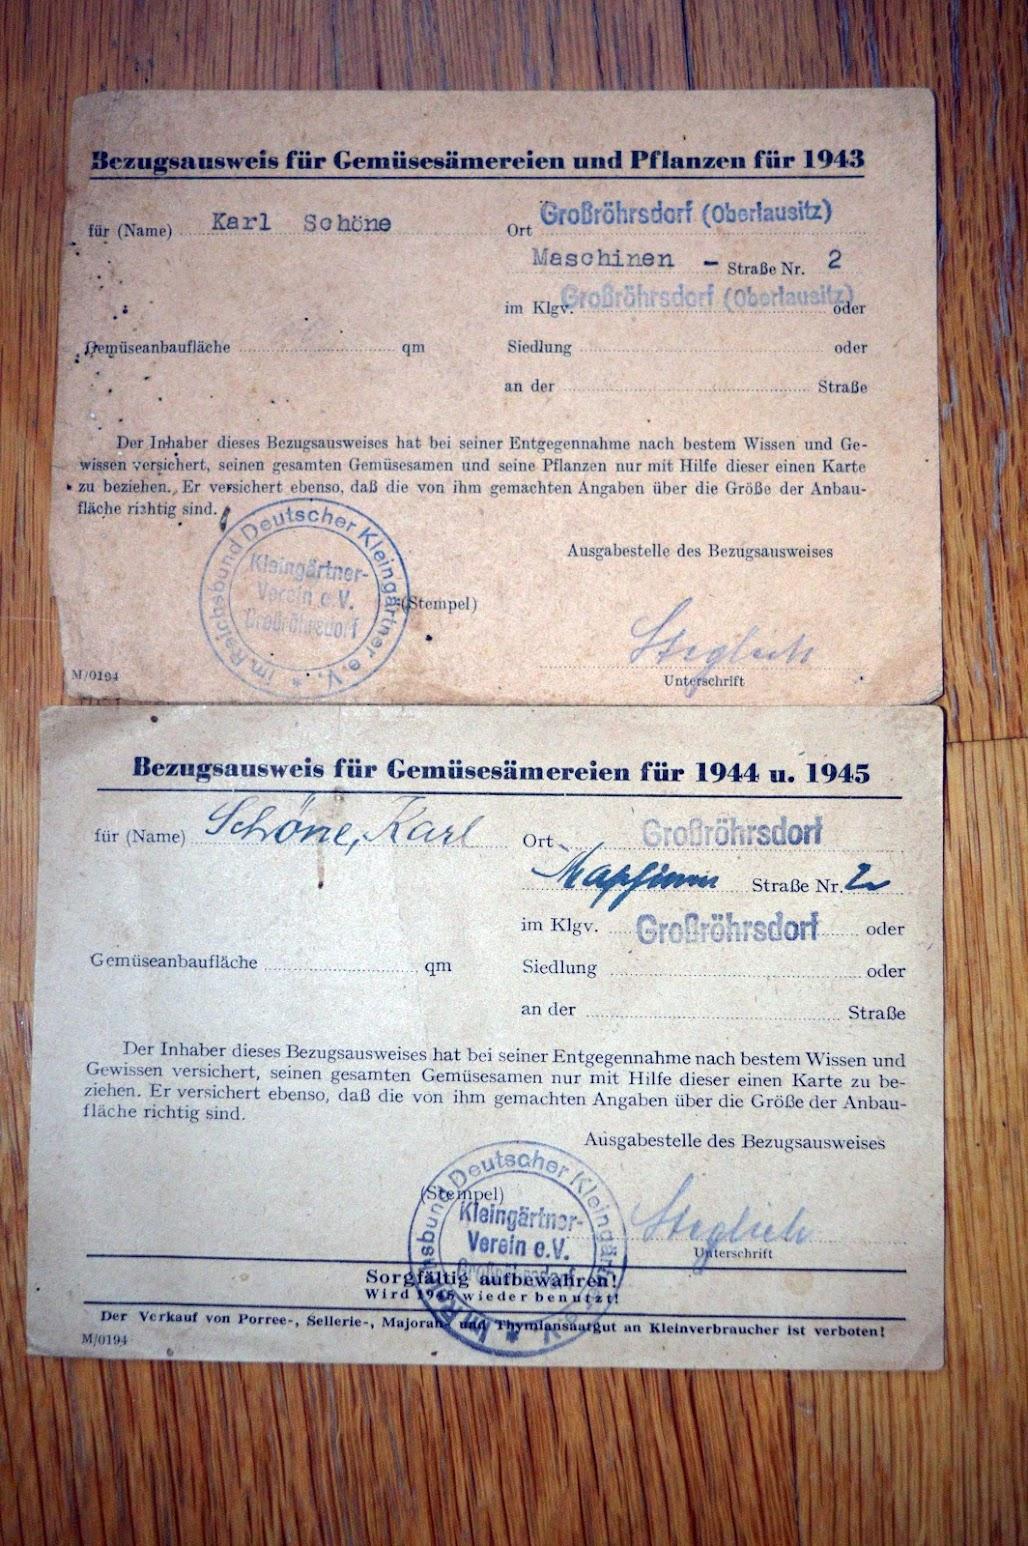 Bezugsausweis für Gemüsesämereien und Pflanzen 1943, 1944 u. 1945